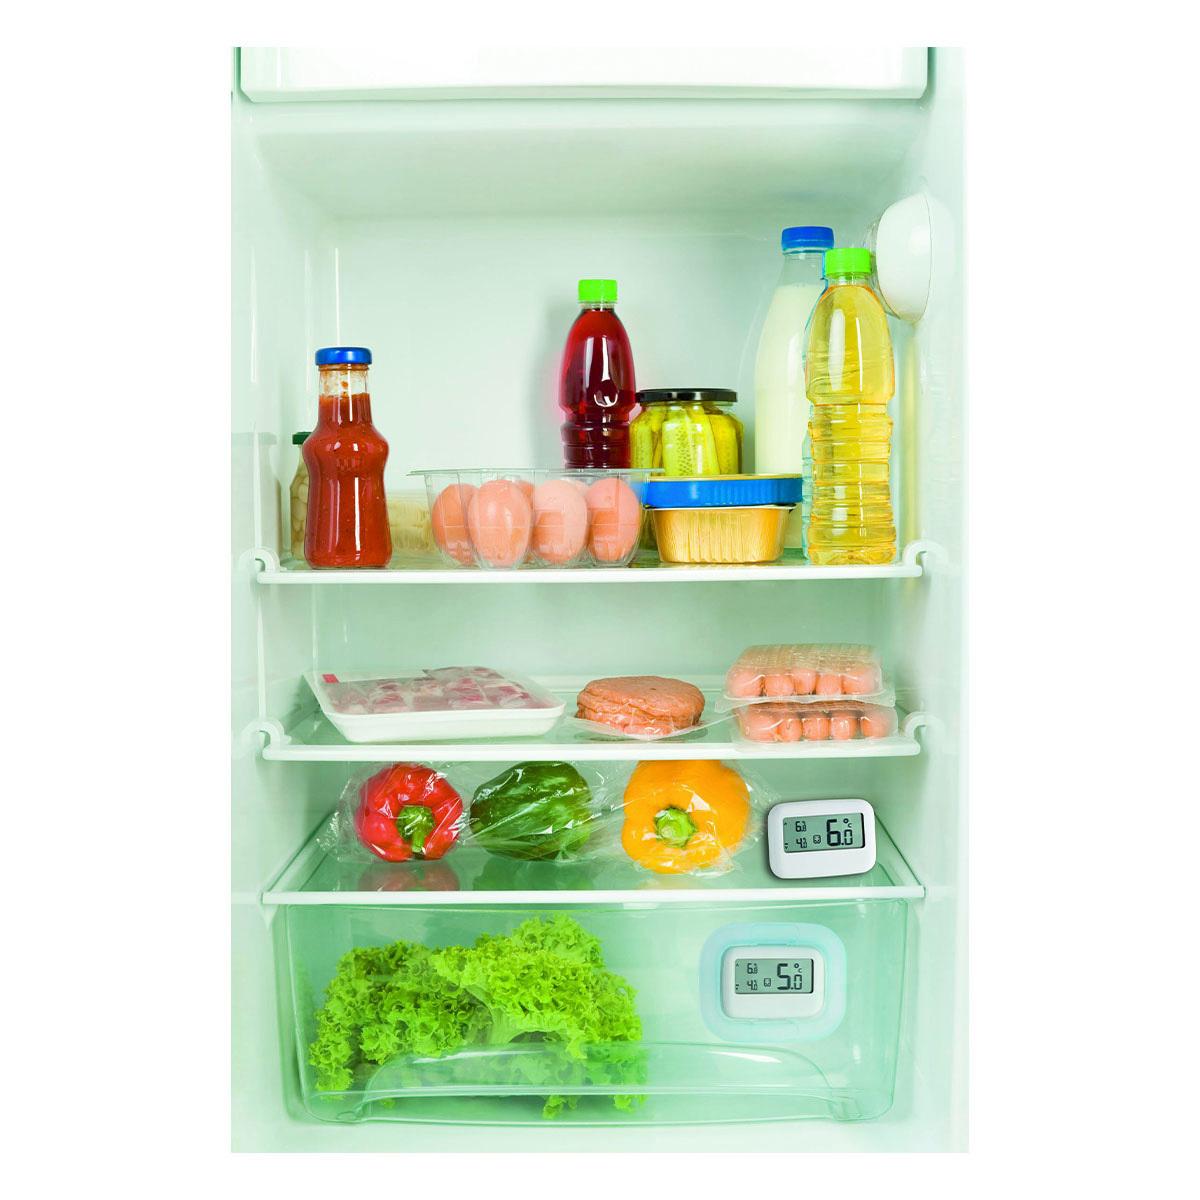 30-1042-digitales-kühl-gefrierschrank-thermometer-anwendung1-1200x1200px.jpg